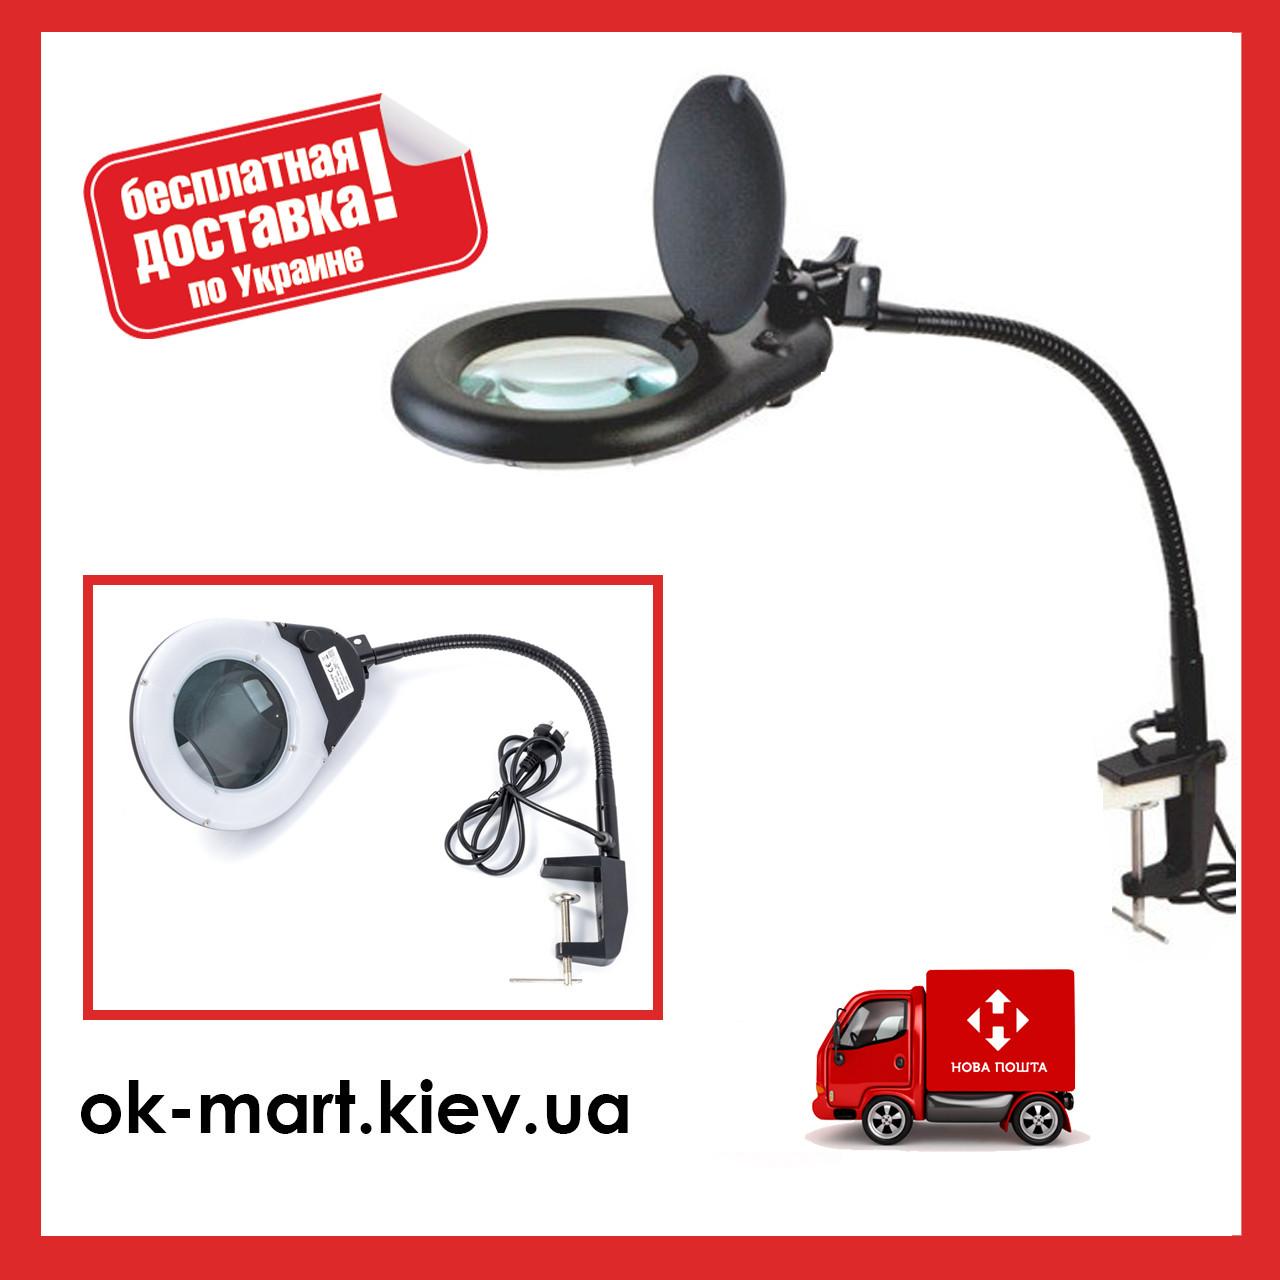 Лампа-лупа с LED подсветкой ZD-129B, 5-и кратное увеличение, линза -130мм